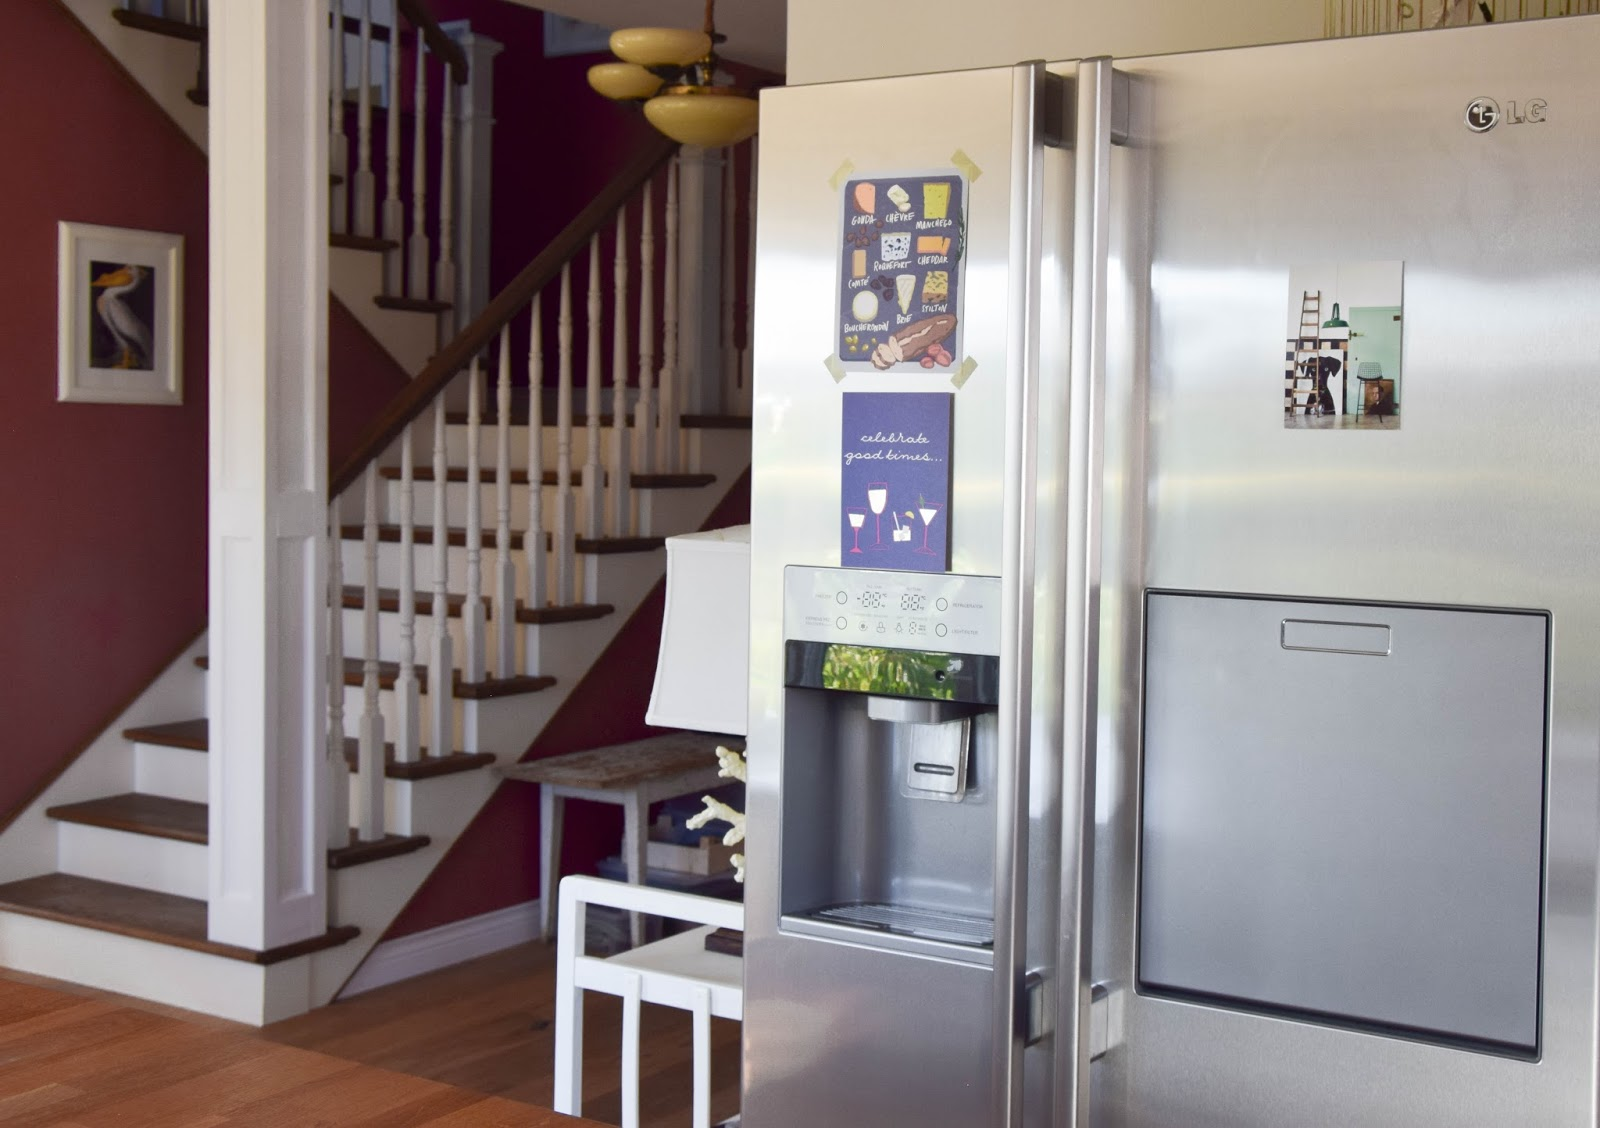 Amerikanischer Kühlschrank Lautstärke : Side by side kühlschrank samsung rs fcms kühlt nicht mehr